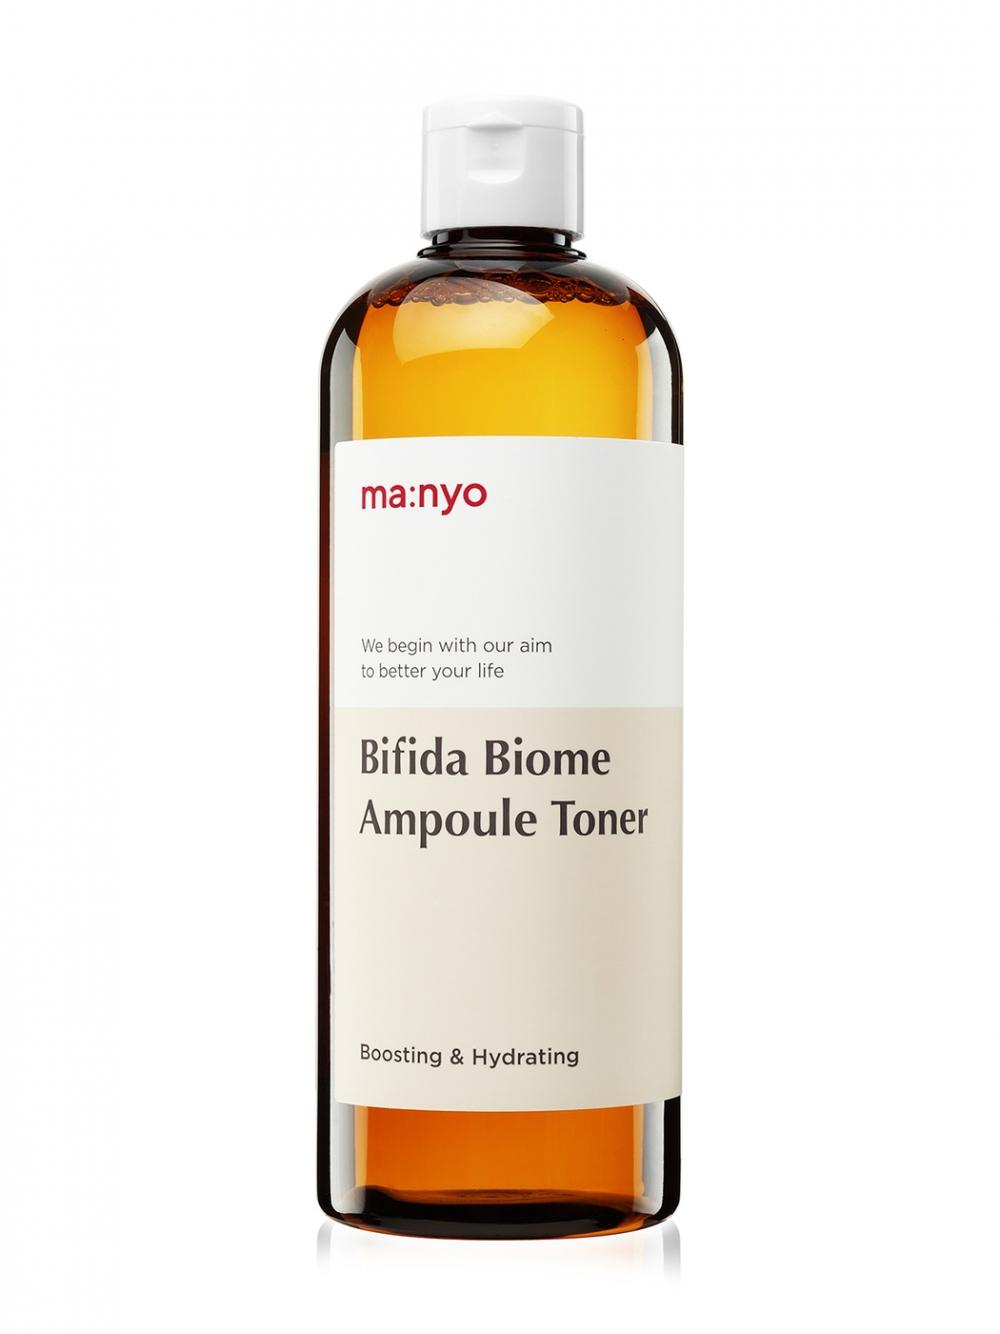 Ампульный укрепляющий тонер с бифидобактериями Manyo Bifida Biome Ampoule Toner - 400 мл